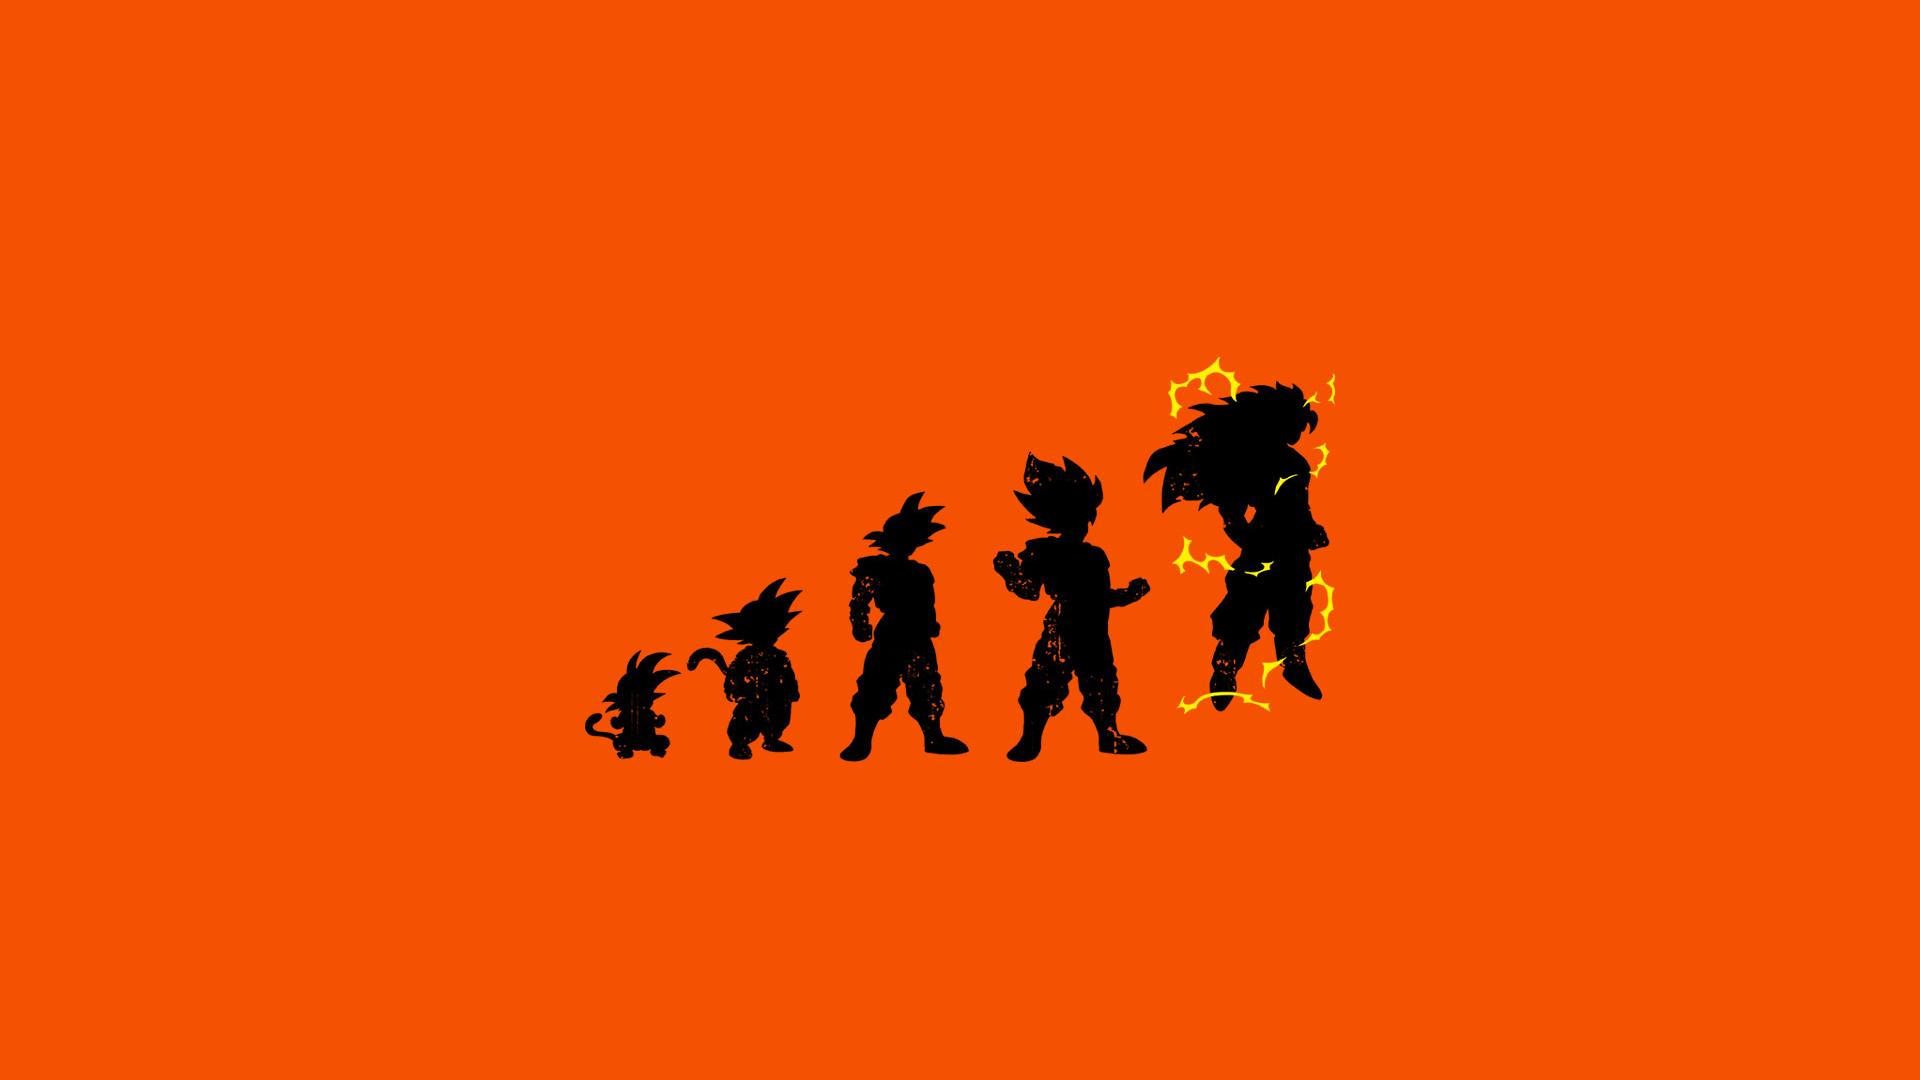 Goku wallpaper hd for pc 5